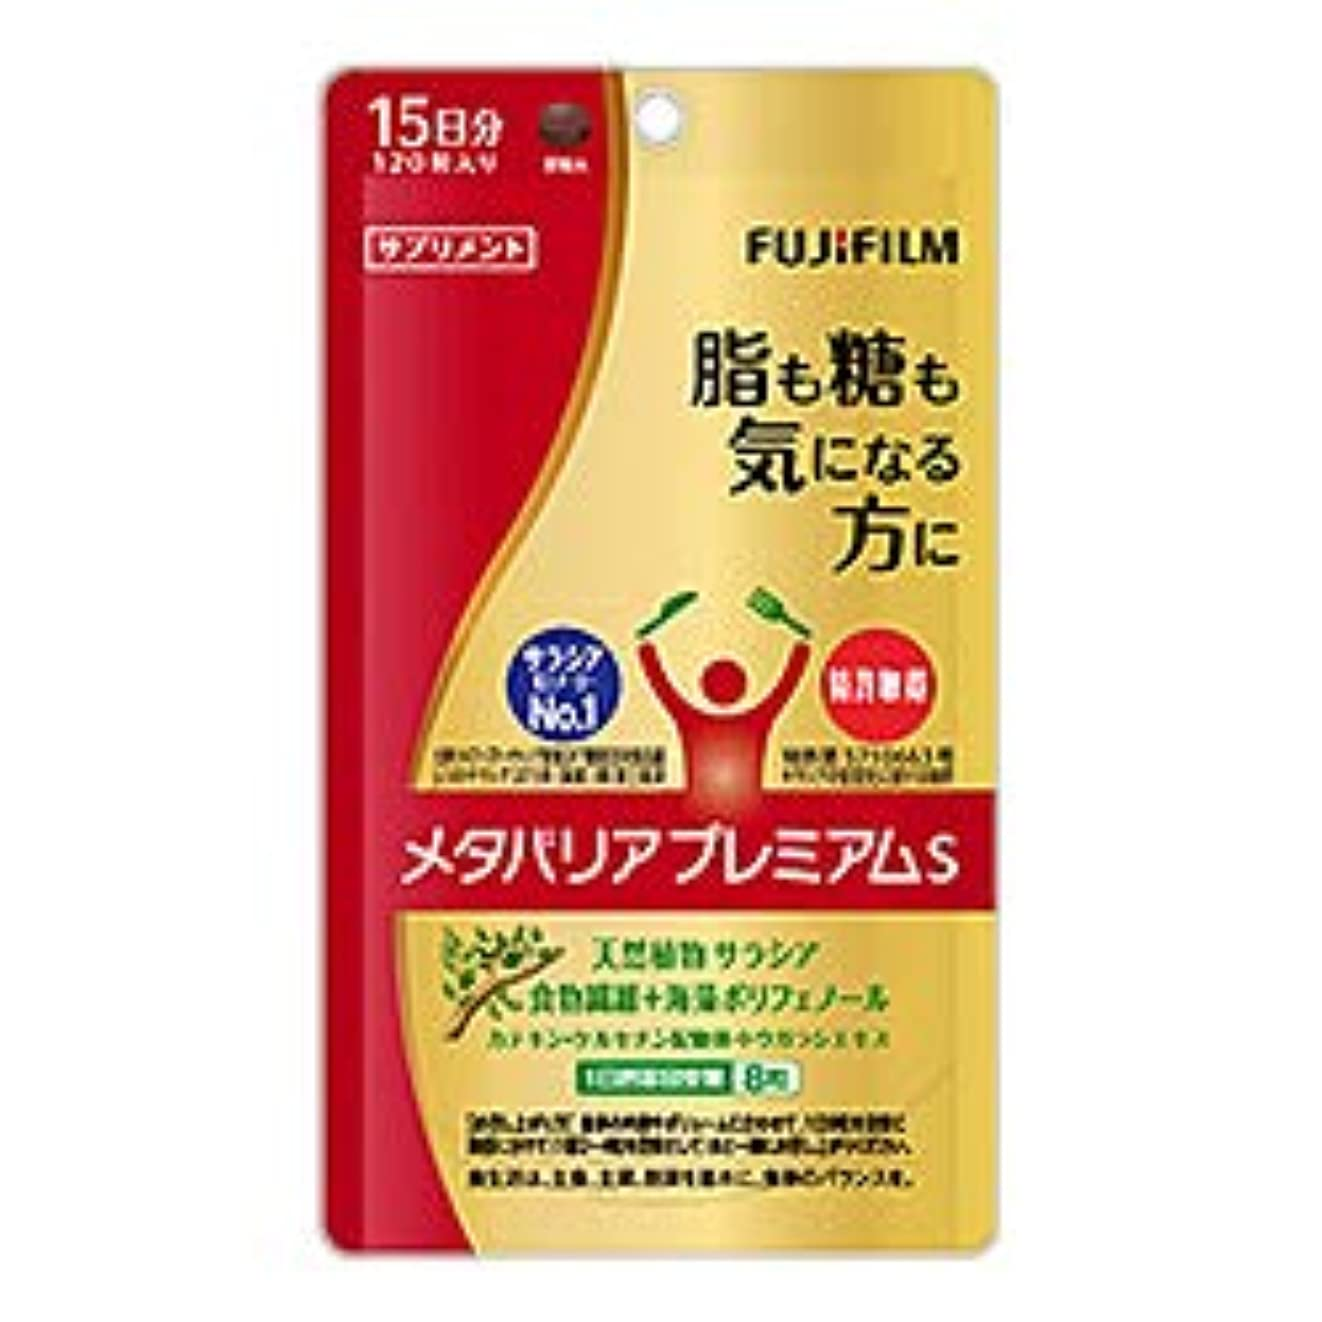 体バンガロー誓い【富士フイルム】メタバリア プレミアムS 120粒 (15日分) ×4個セット